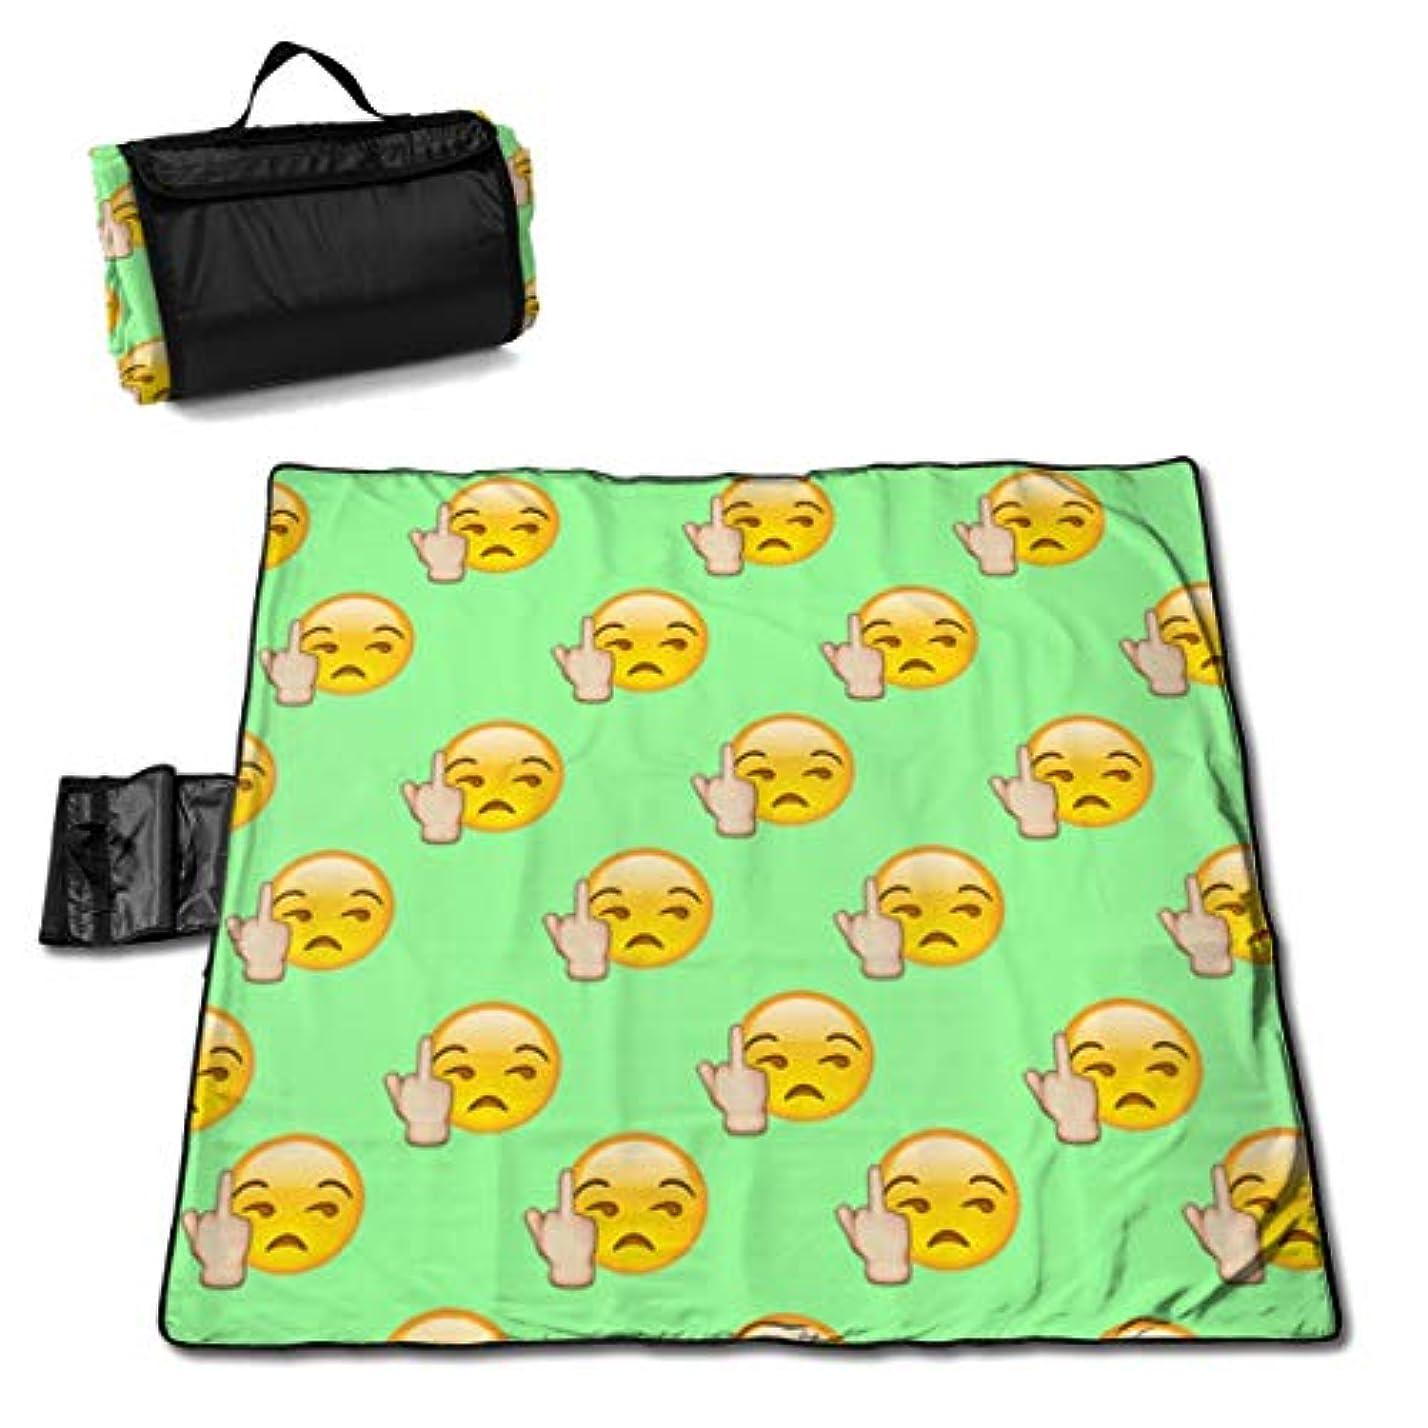 色適切なバケットQQ LOVE 絵文字 中指 レジャーシート ピクニックシート 厚手 レジャーマット 折り畳み 150*145 Cm